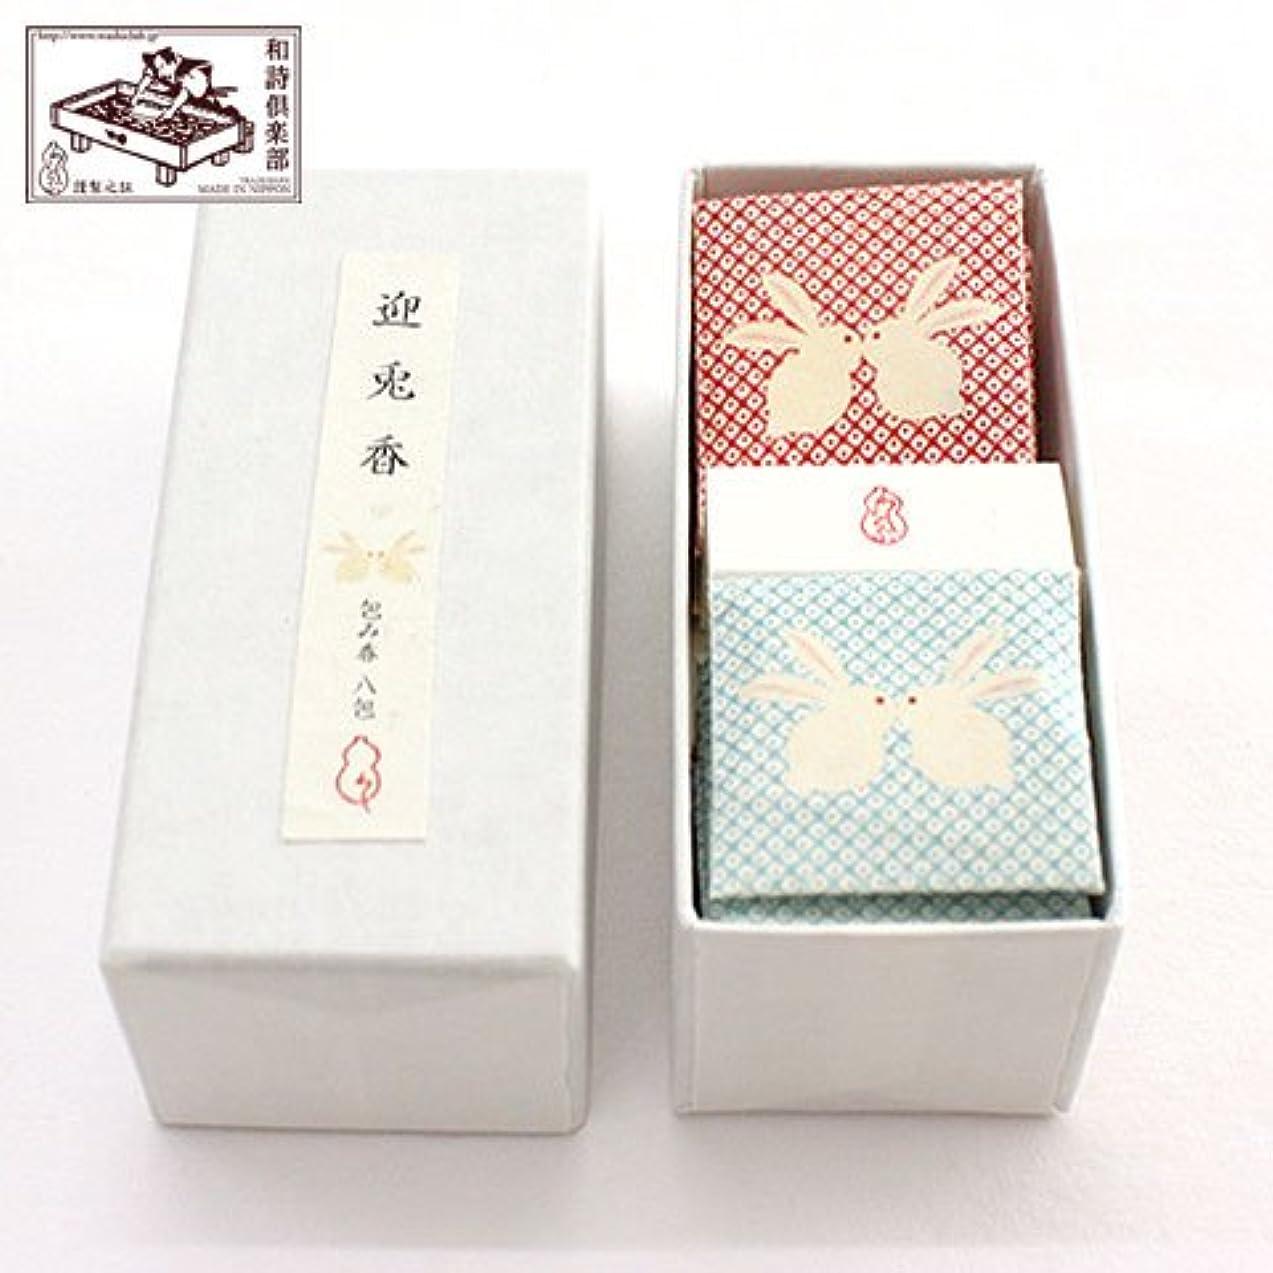 熟読する守るサーカス文香包み香迎兎香 (TU-004)和詩倶楽部